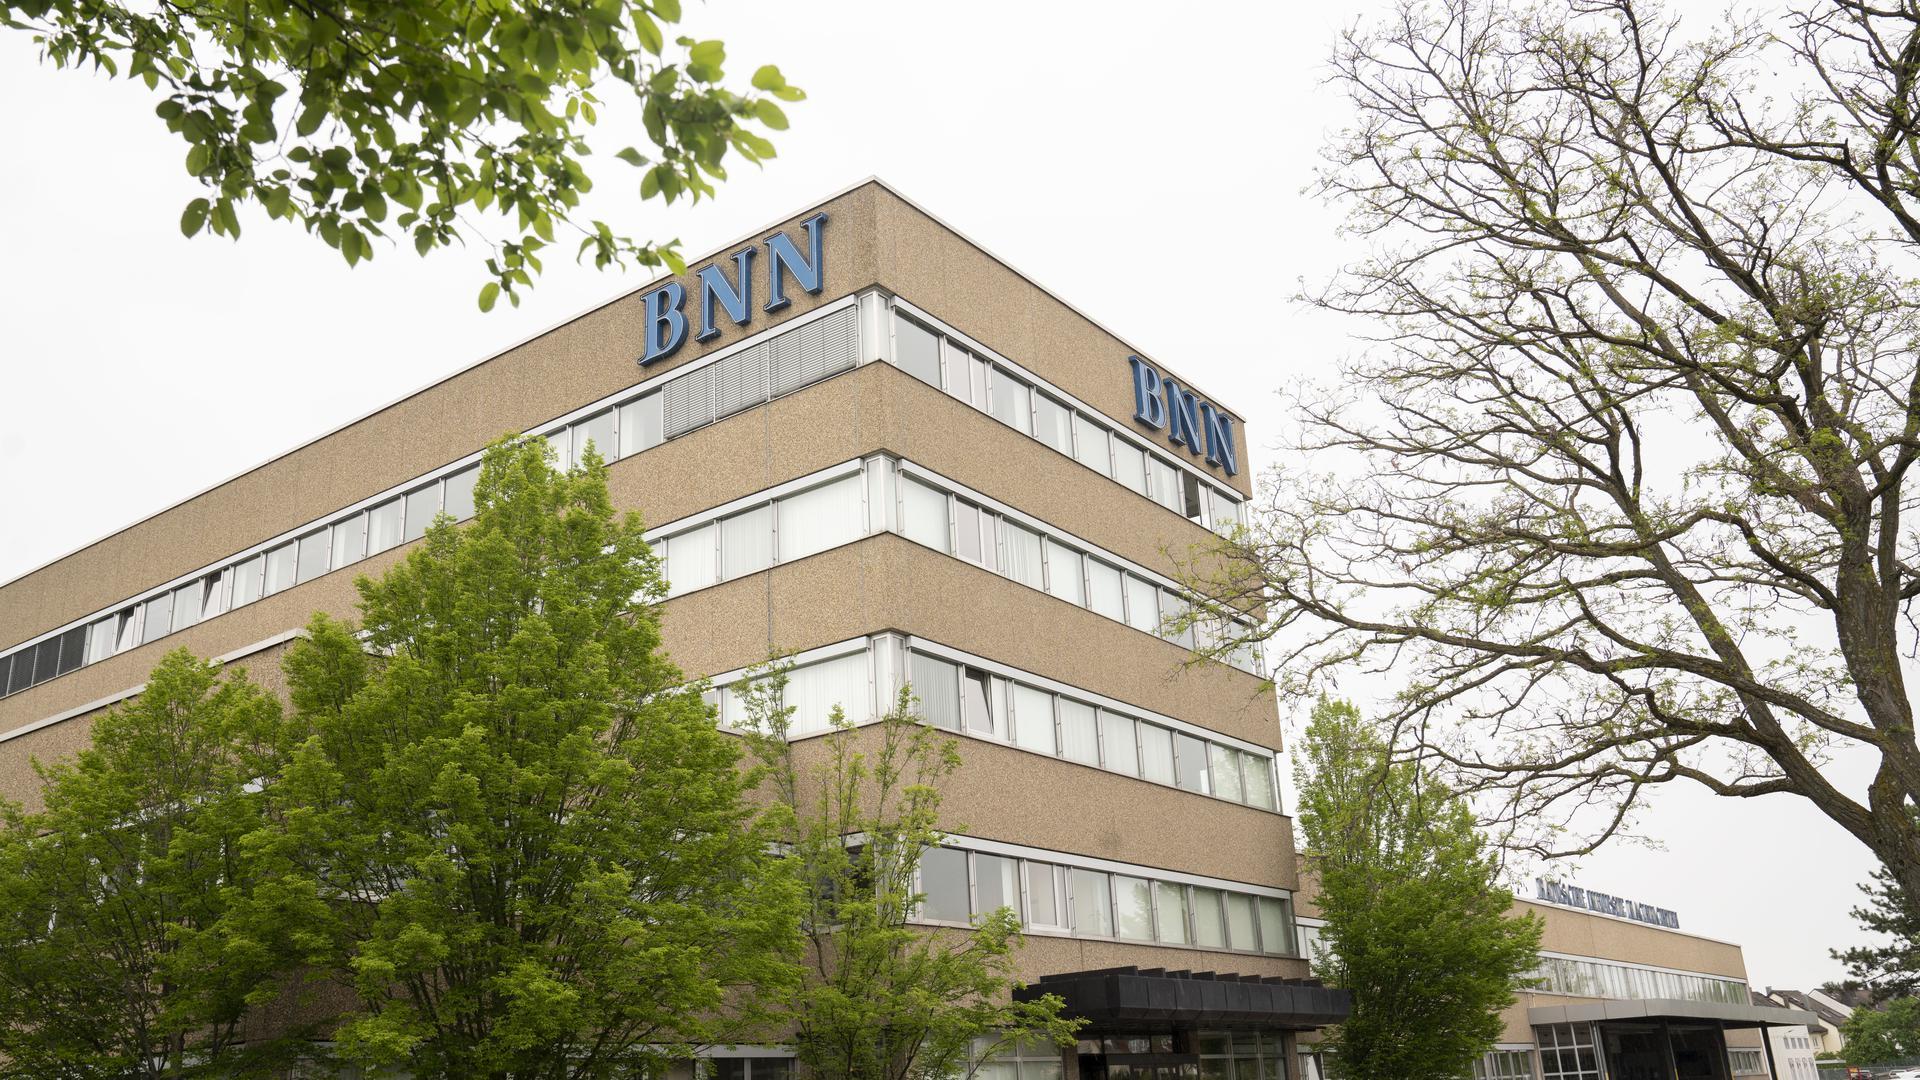 Das Gebäude der Badischen Neuesten Nachrichten in Karlsruhe-Neureut.